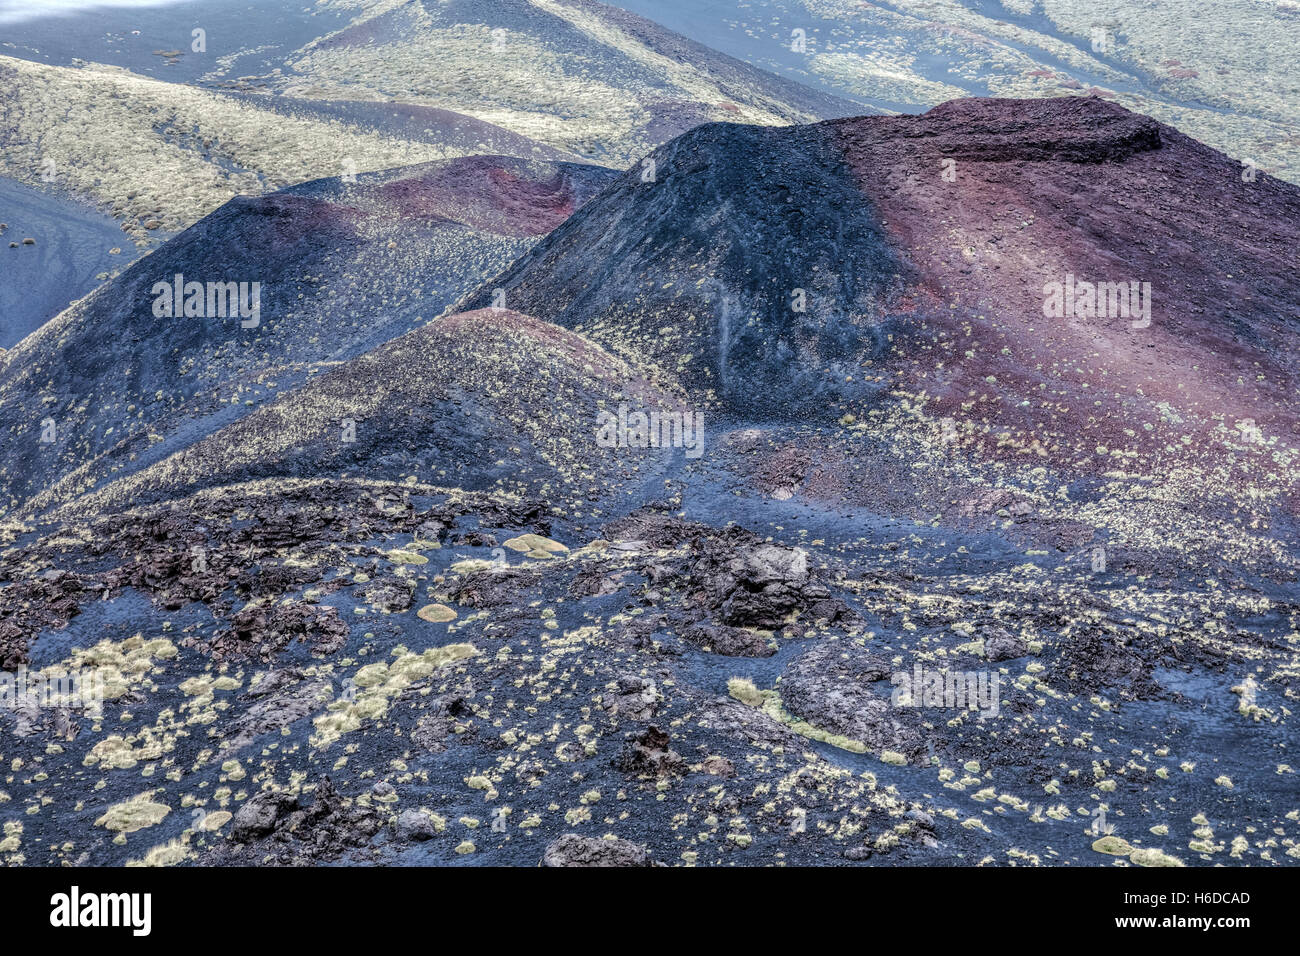 Mount Etna; Catania; Sicily; Italy - Stock Image